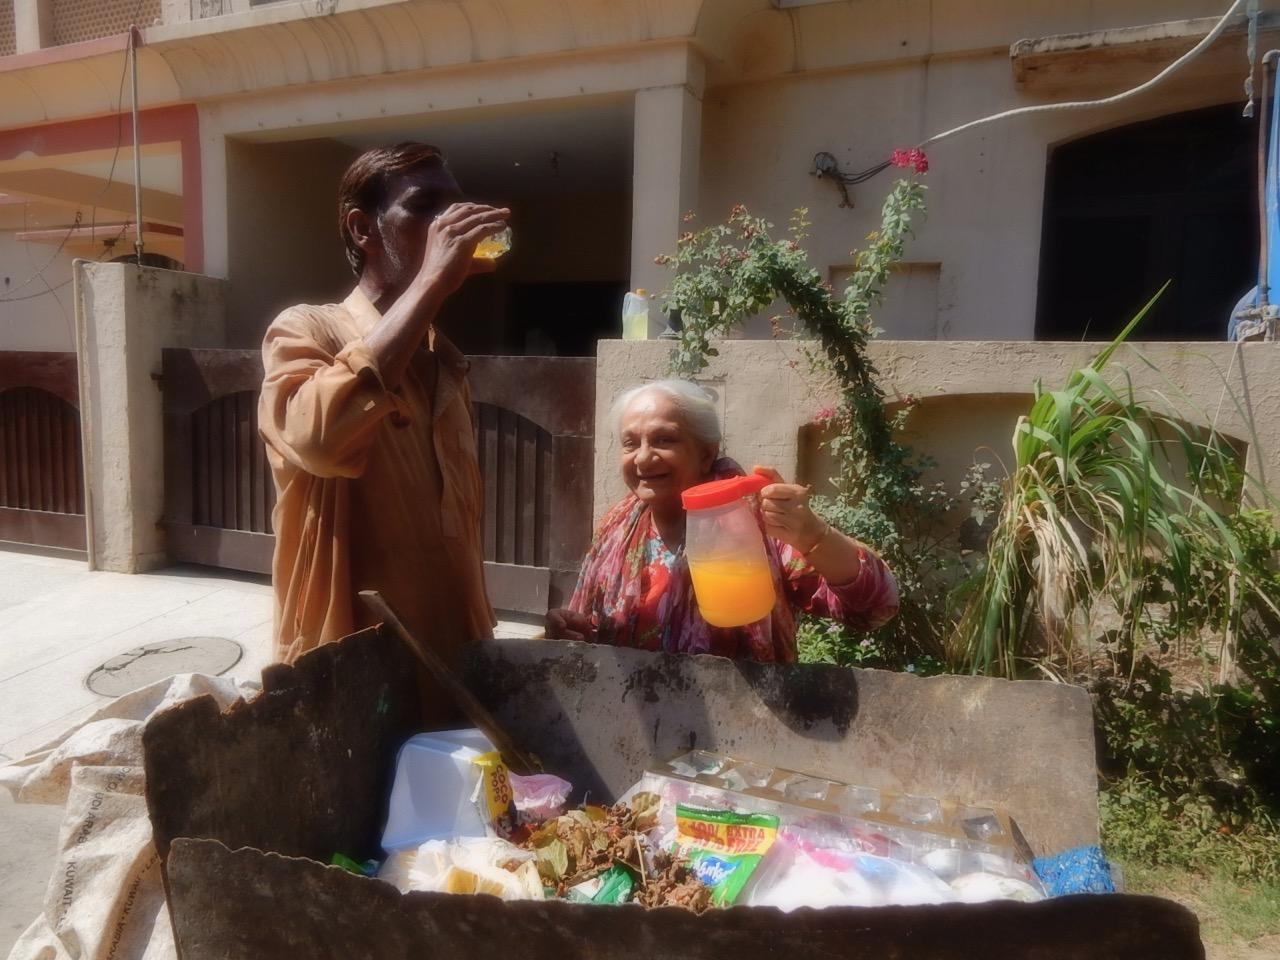 ヌザットさんは敬虔なイスラム教徒で、「困っている人々に施す」ことを日常生活の中で自然に行っている。炎天下でゴミ集めの作業をしているキリスト教徒の方に冷たい飲み物を差し出す彼女。